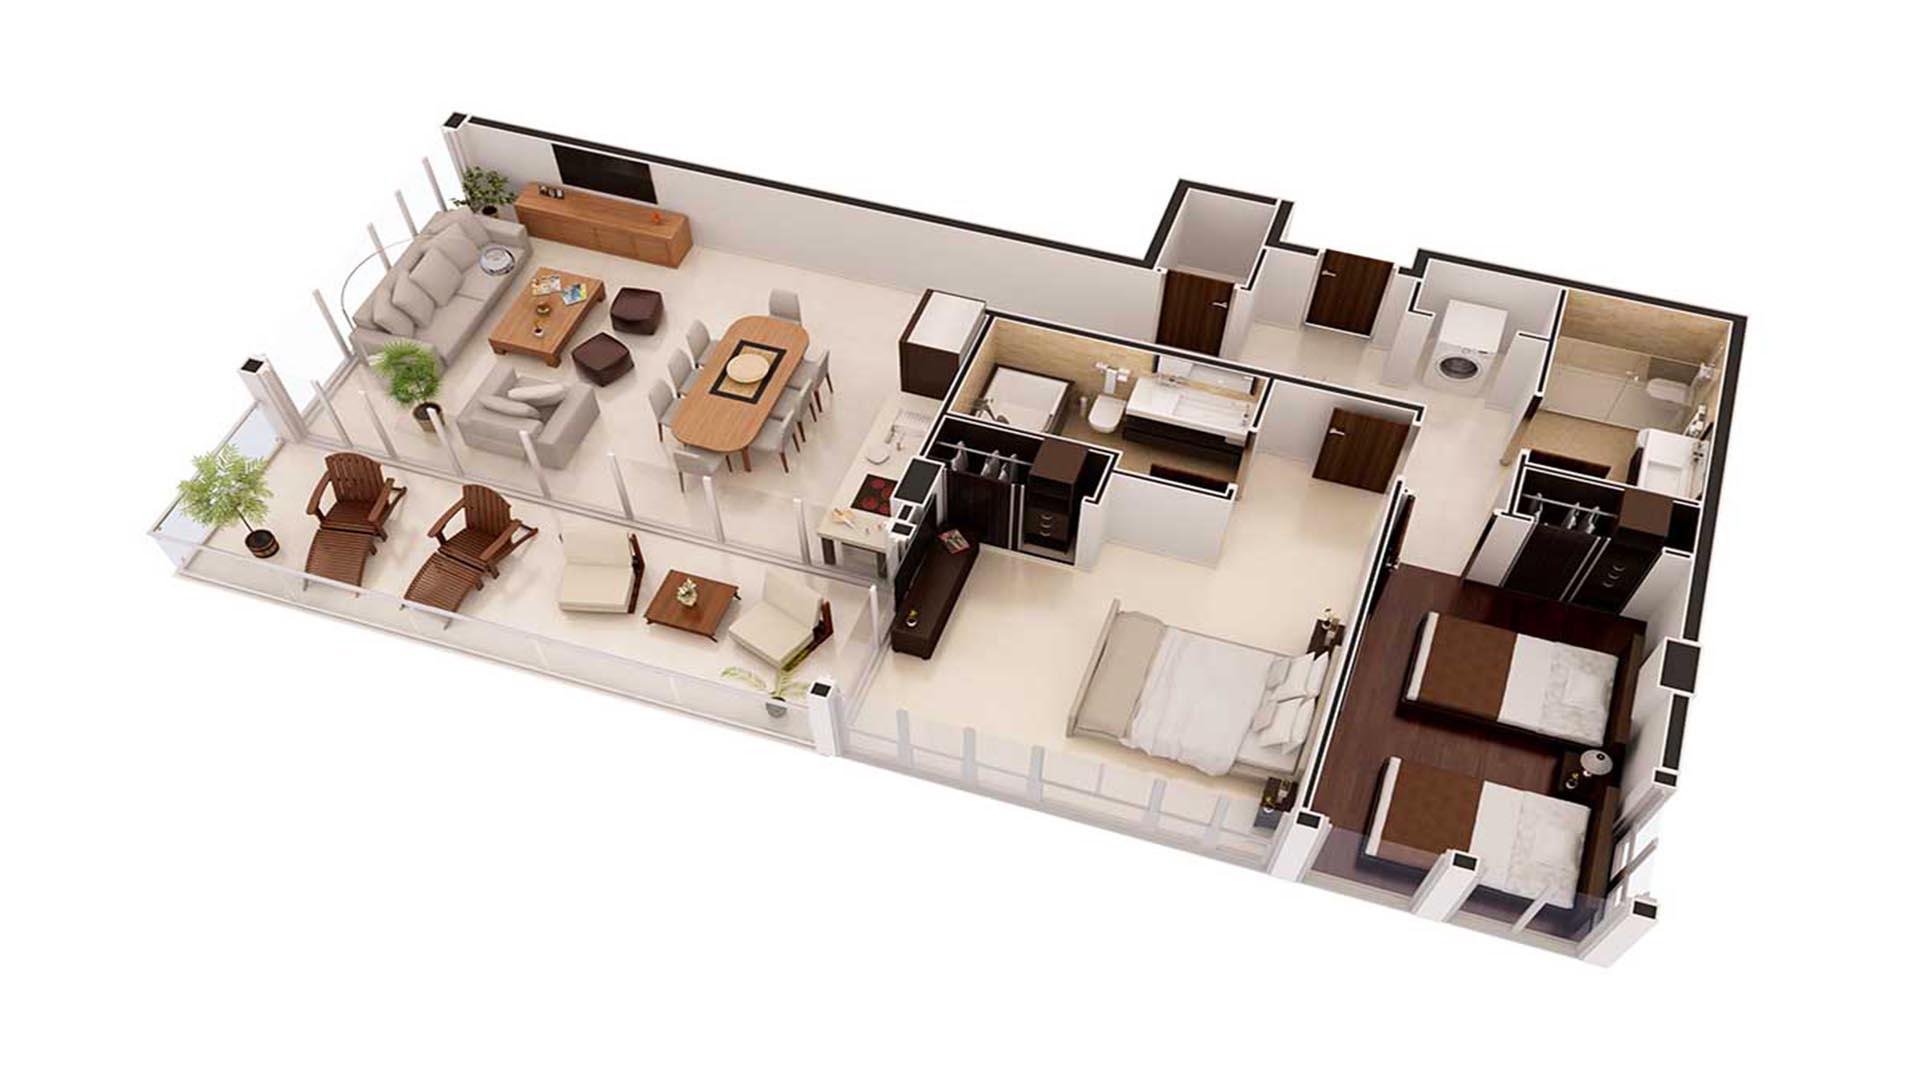 3D Render Floor Plan 2